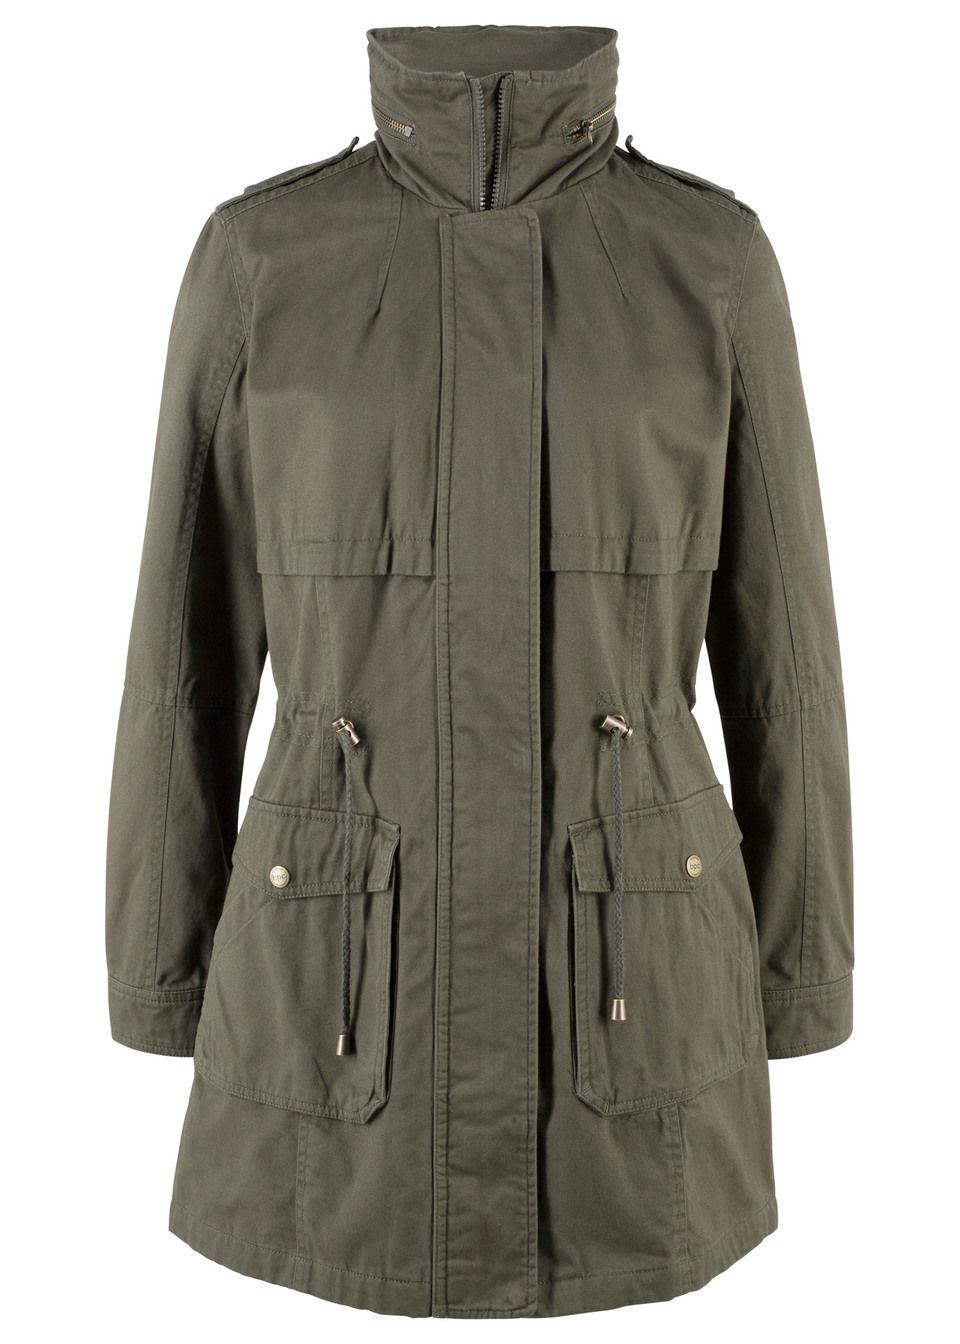 Купить Куртка-парка на трикотажной подкладке, bonprix, темно-оливковый